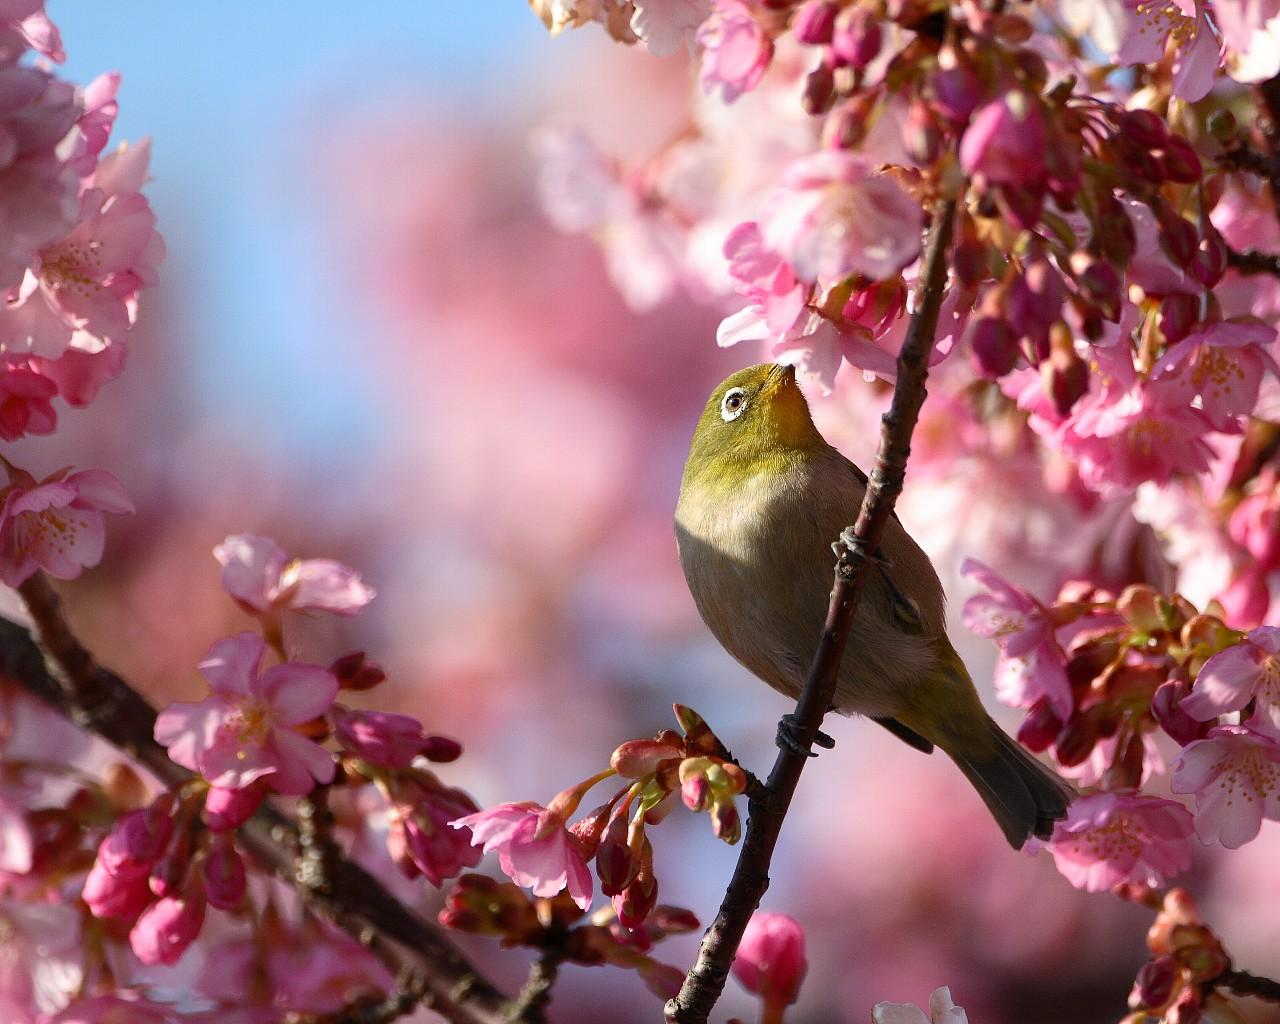 鳥と花シリーズ: メジロと河津桜_f0105570_21444639.jpg